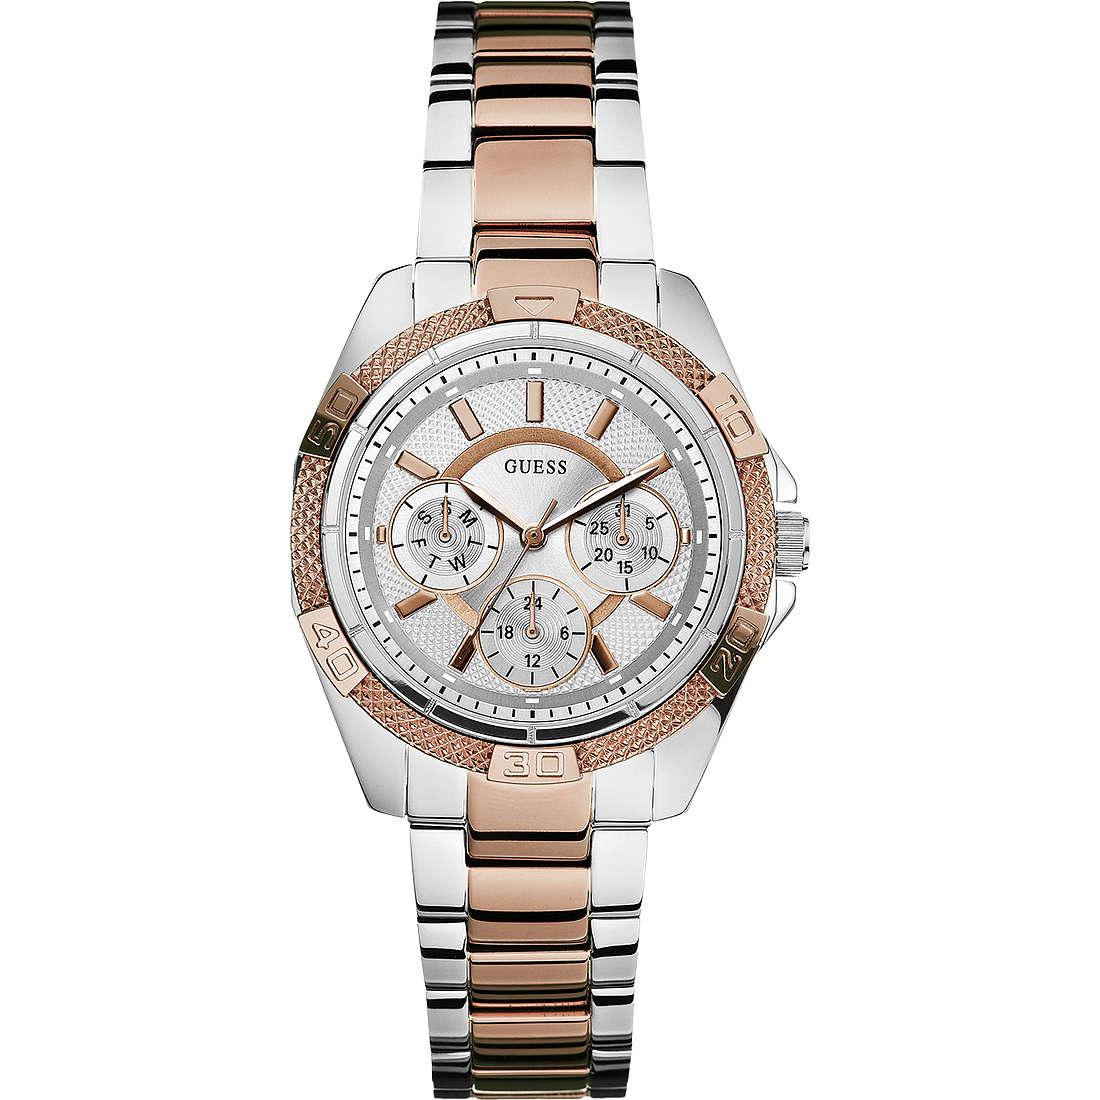 orologio multifunzione donna Guess Settembre 2013 W0235L4